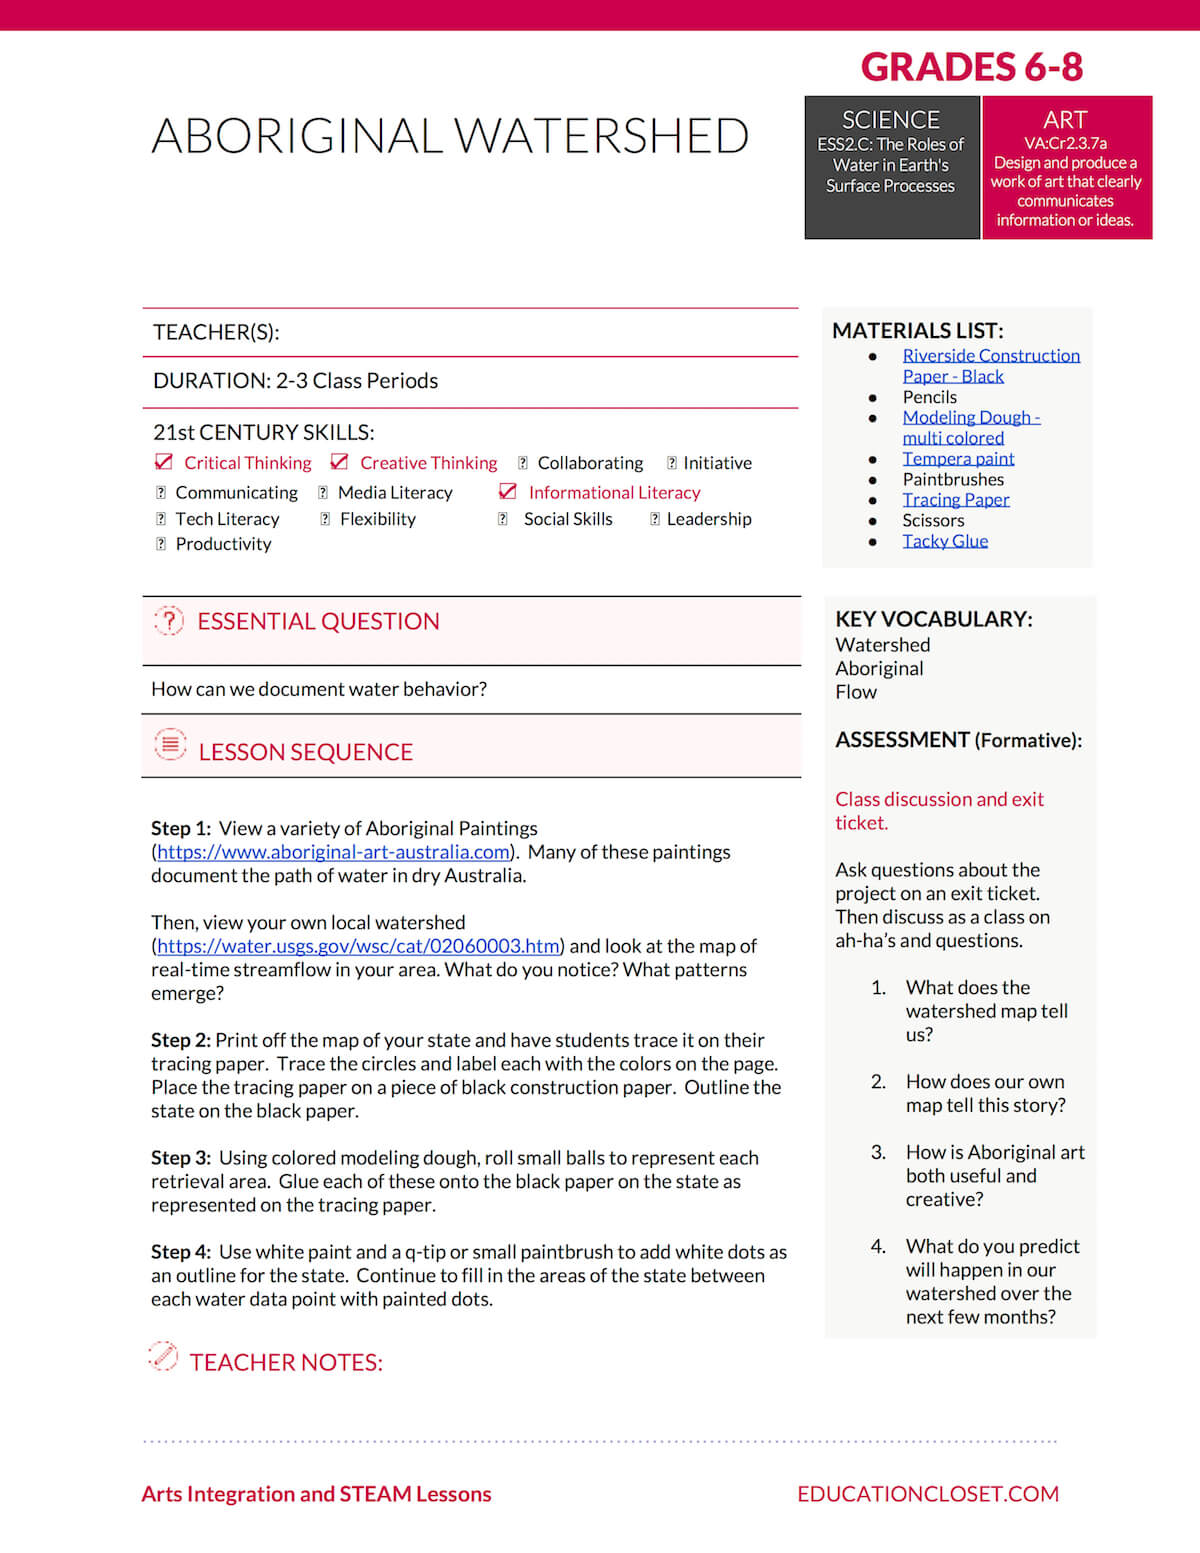 Arts Integration Lesson Plans | EducationCloset